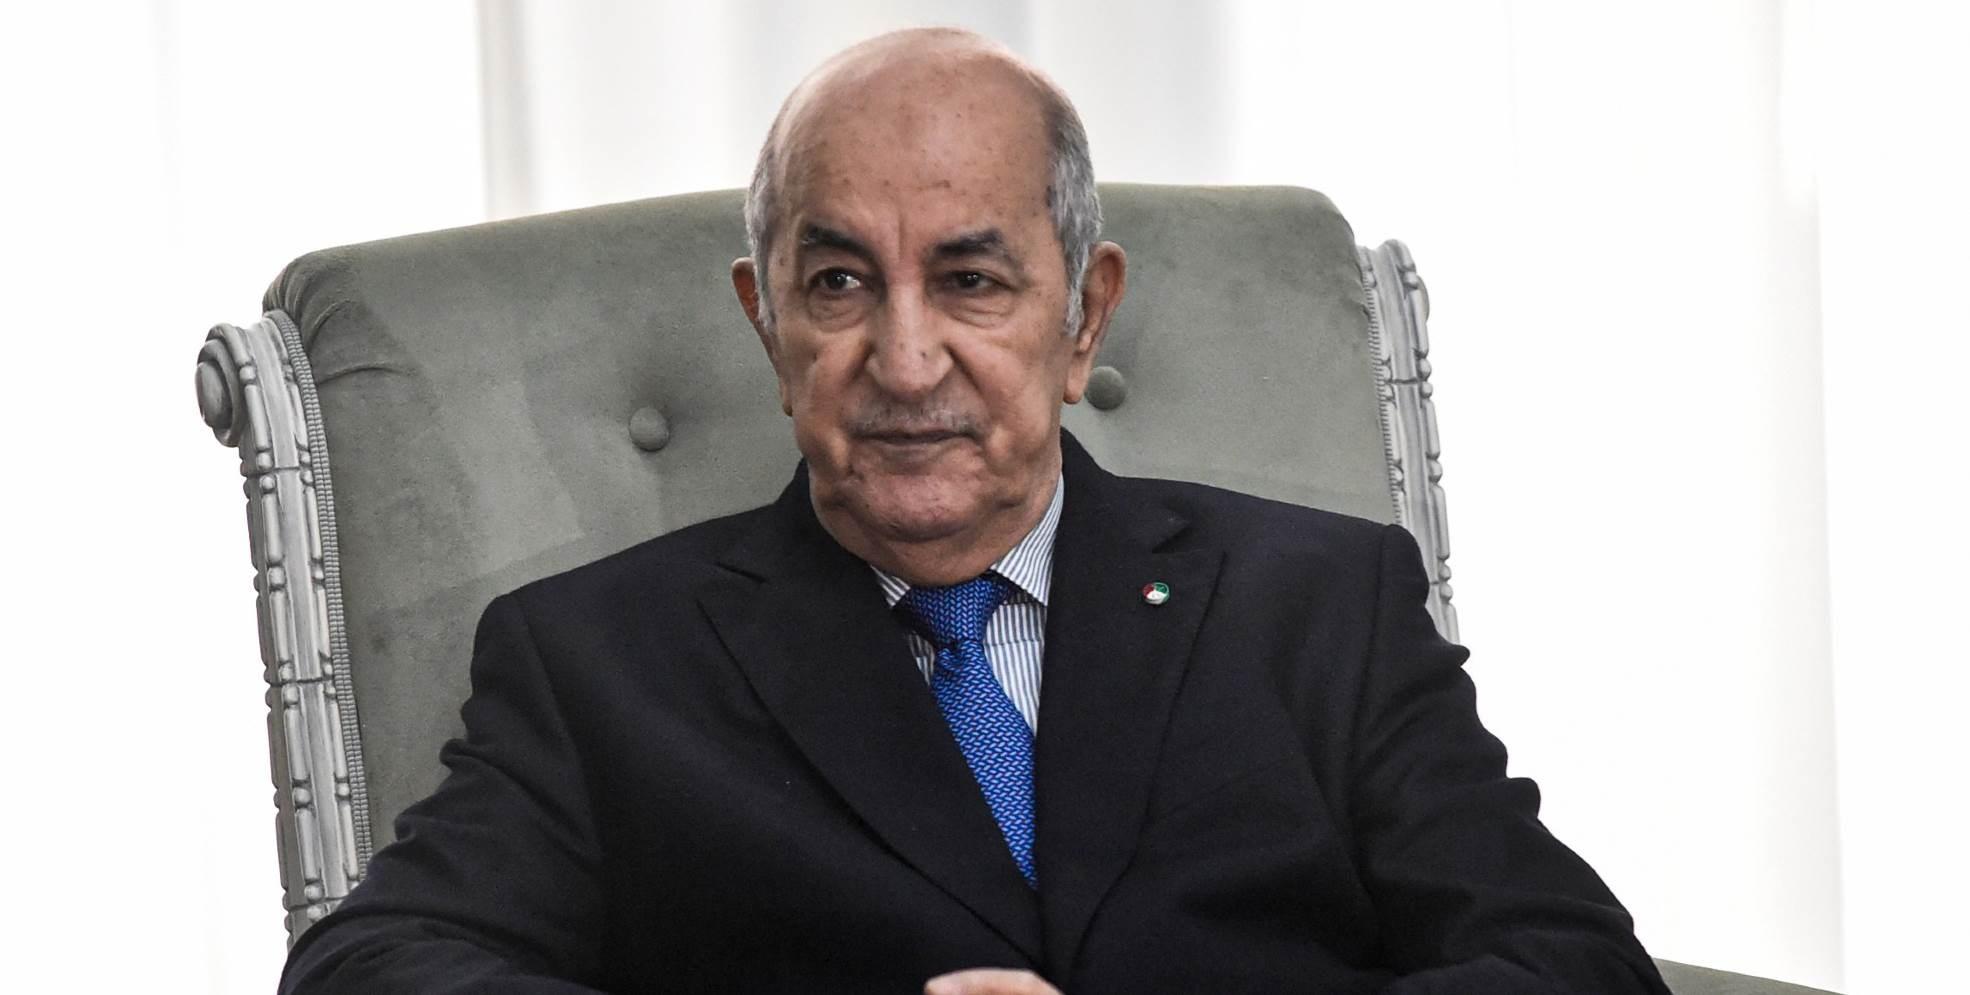 أكد تبون على أن القضية الفلسطينية هي مبدئية بالنسبة للجزائر